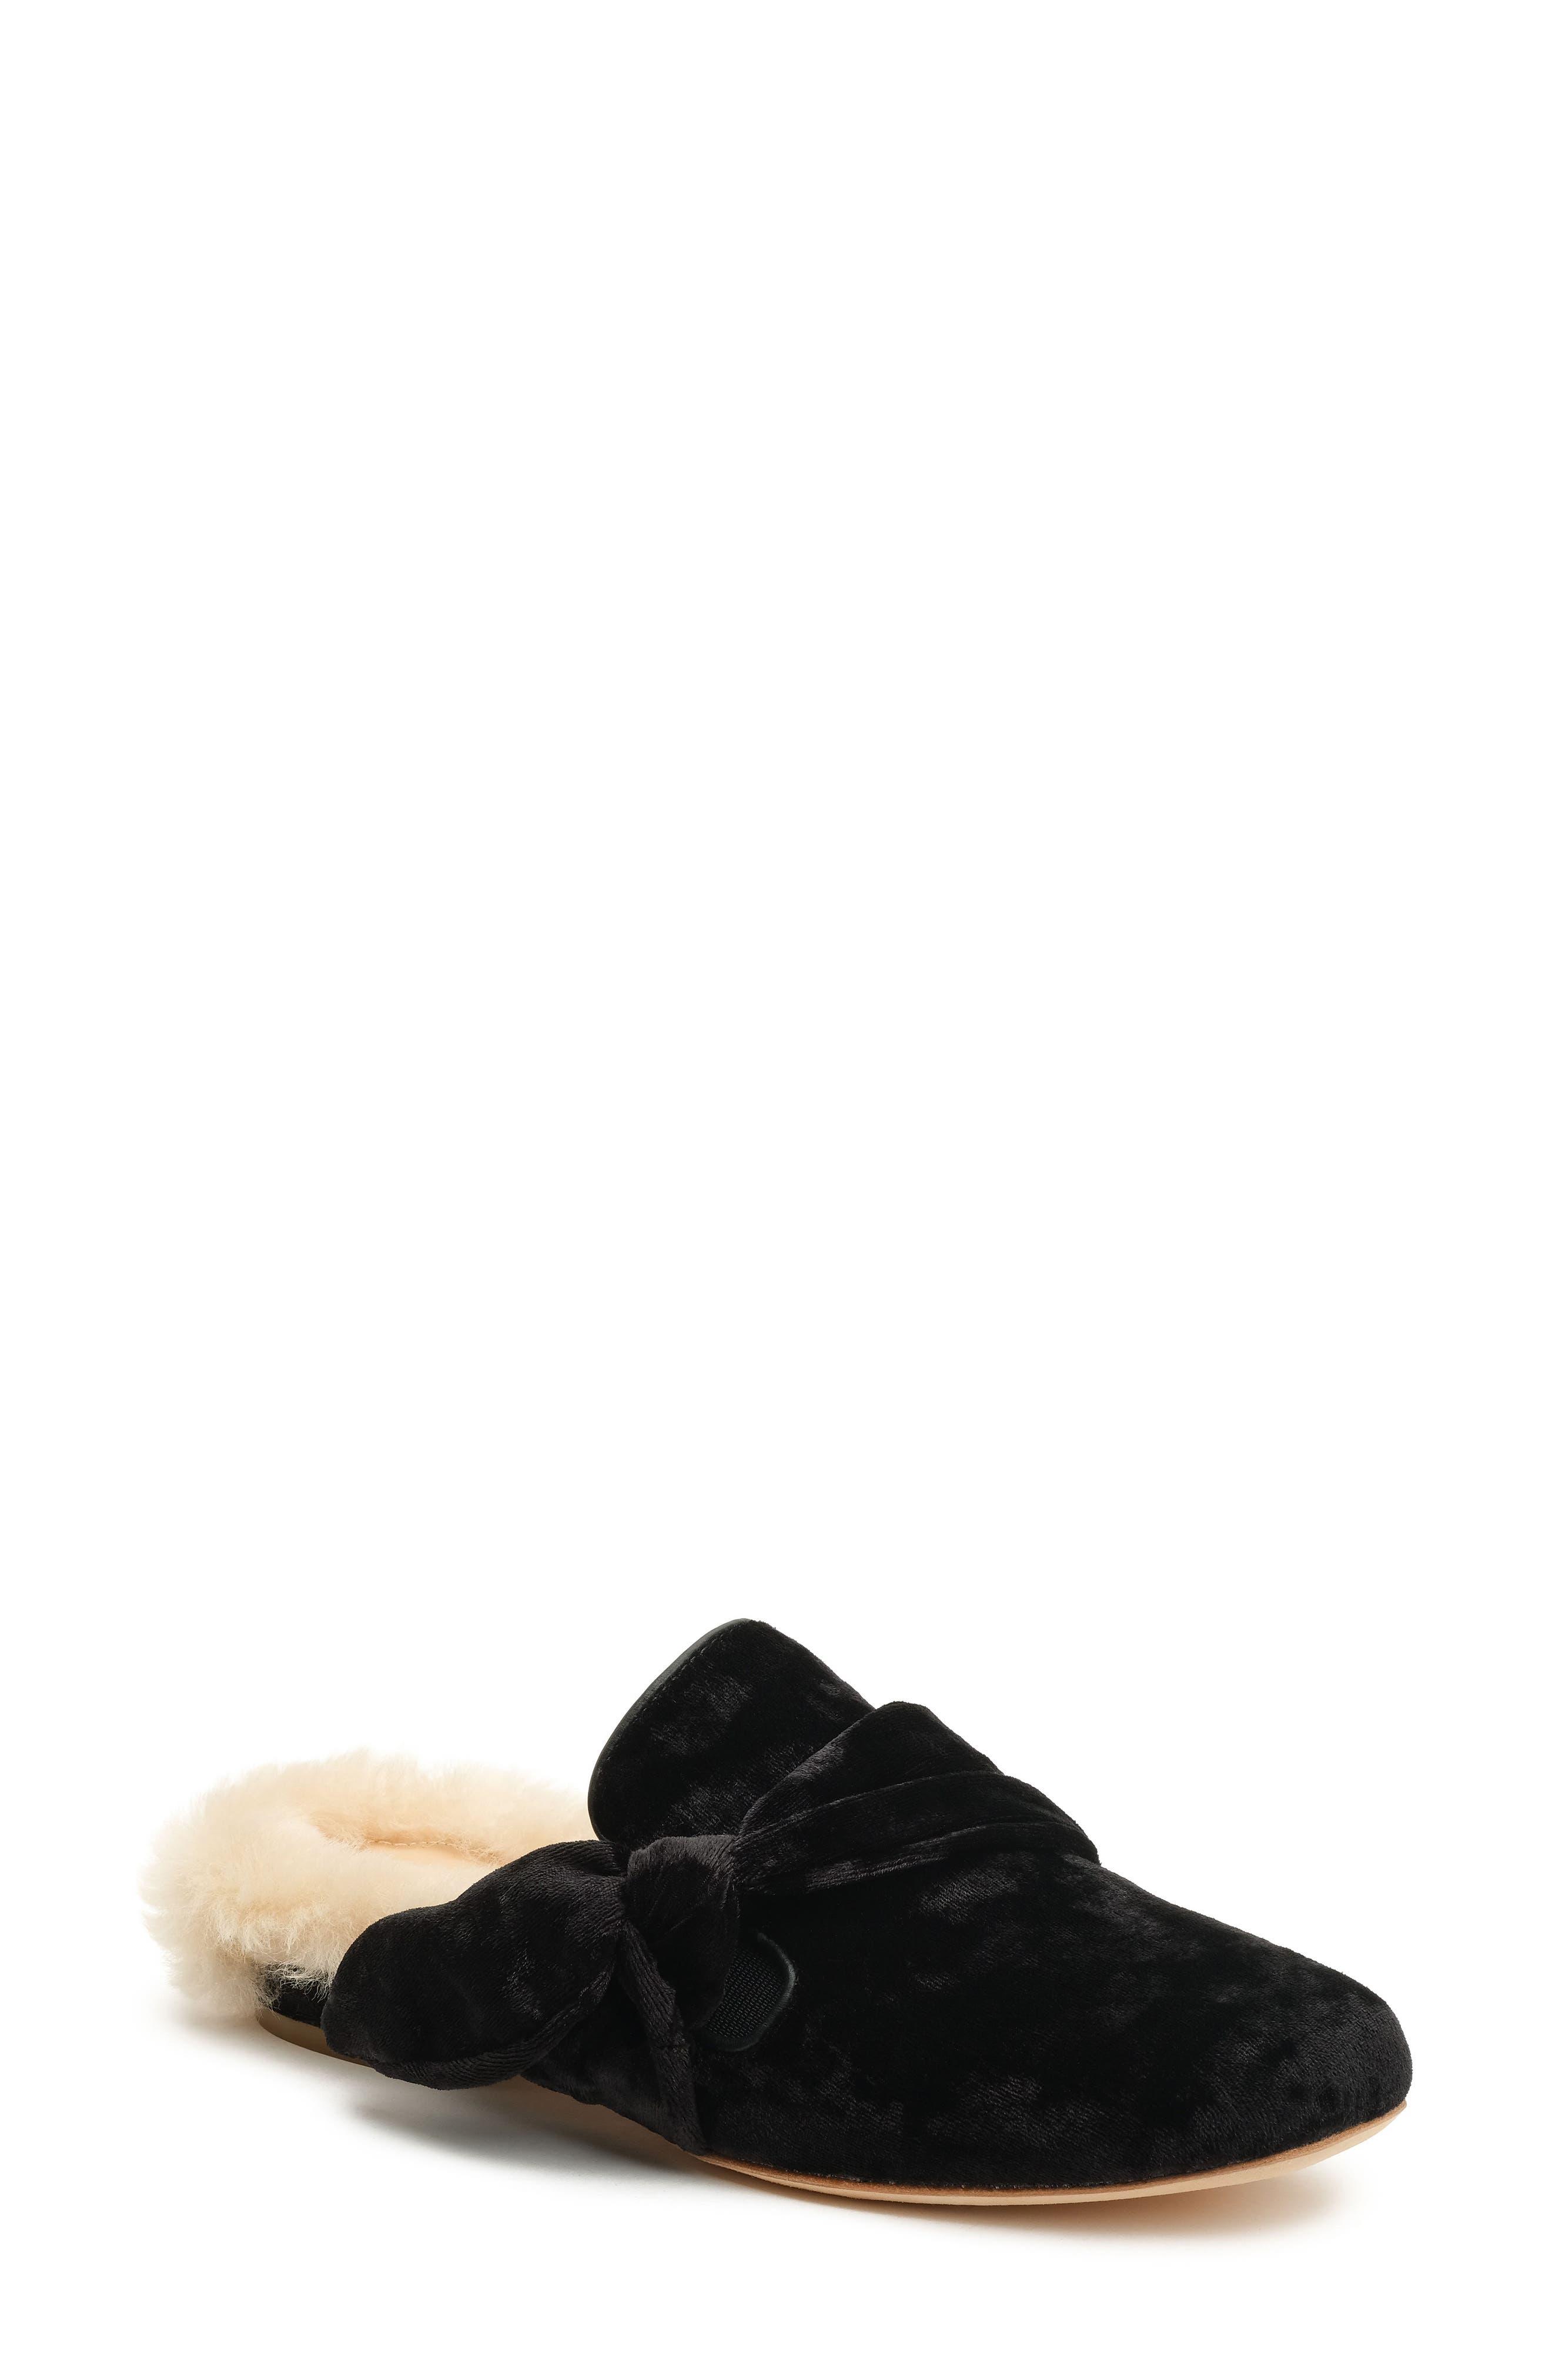 Main Image - Bill Blass Laverne Genuine Shearling Lined Velvet Slide (Women)